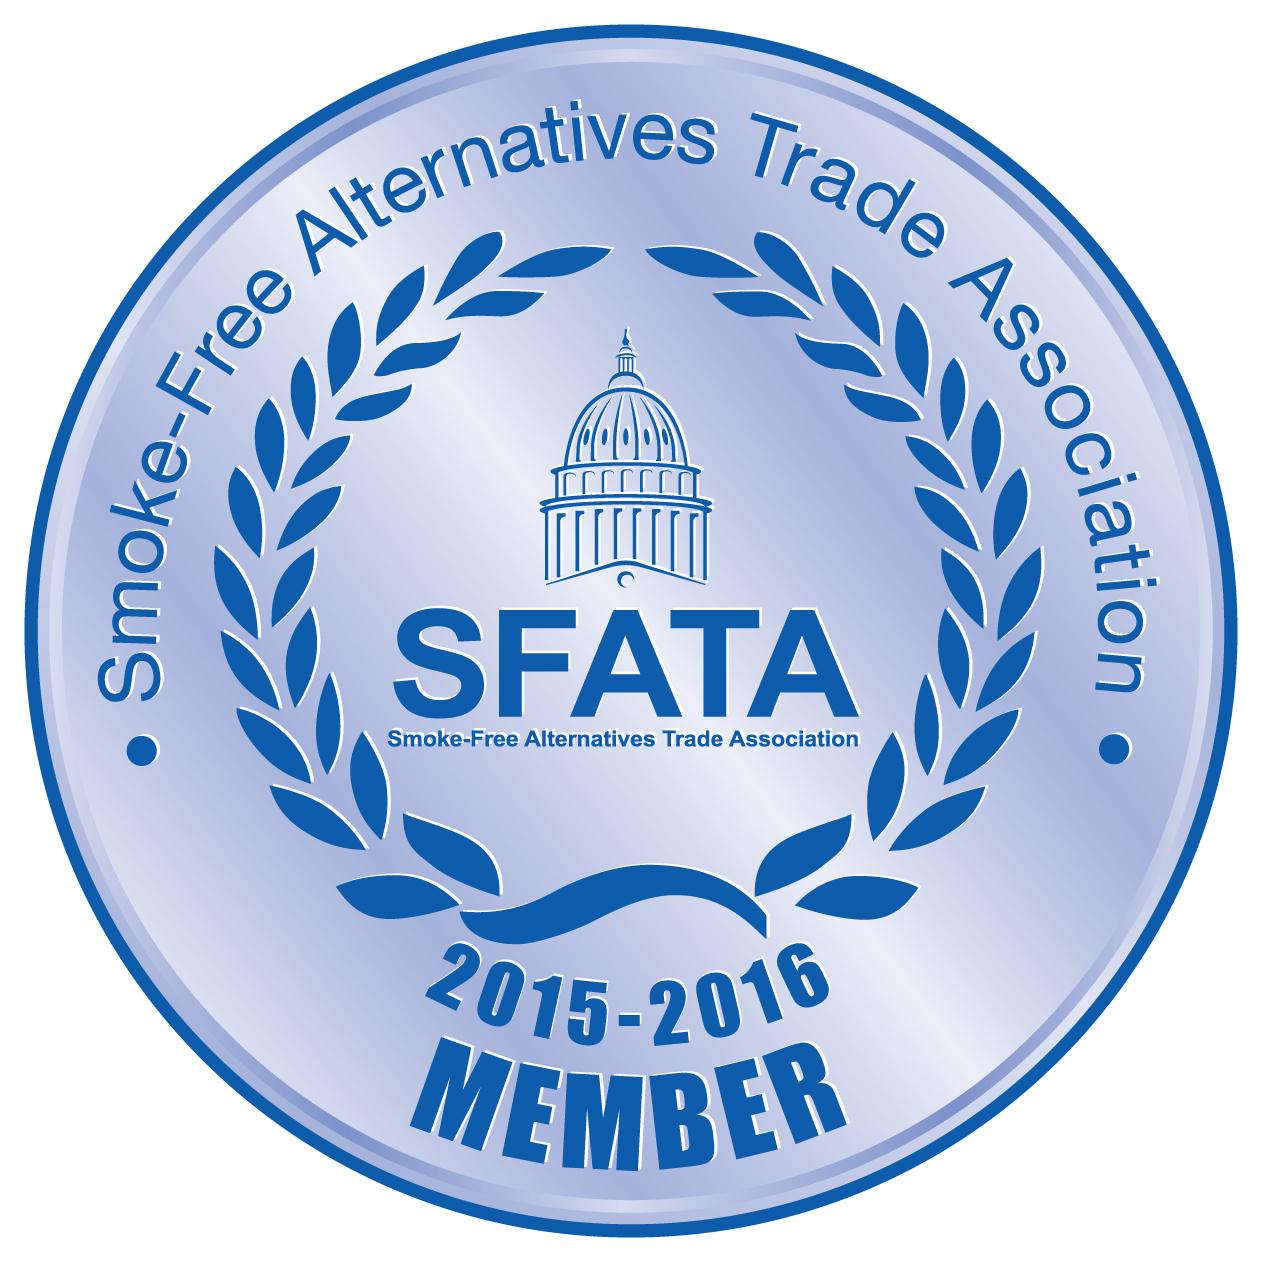 seal-sfata-member-2015-2016-1214.jpg